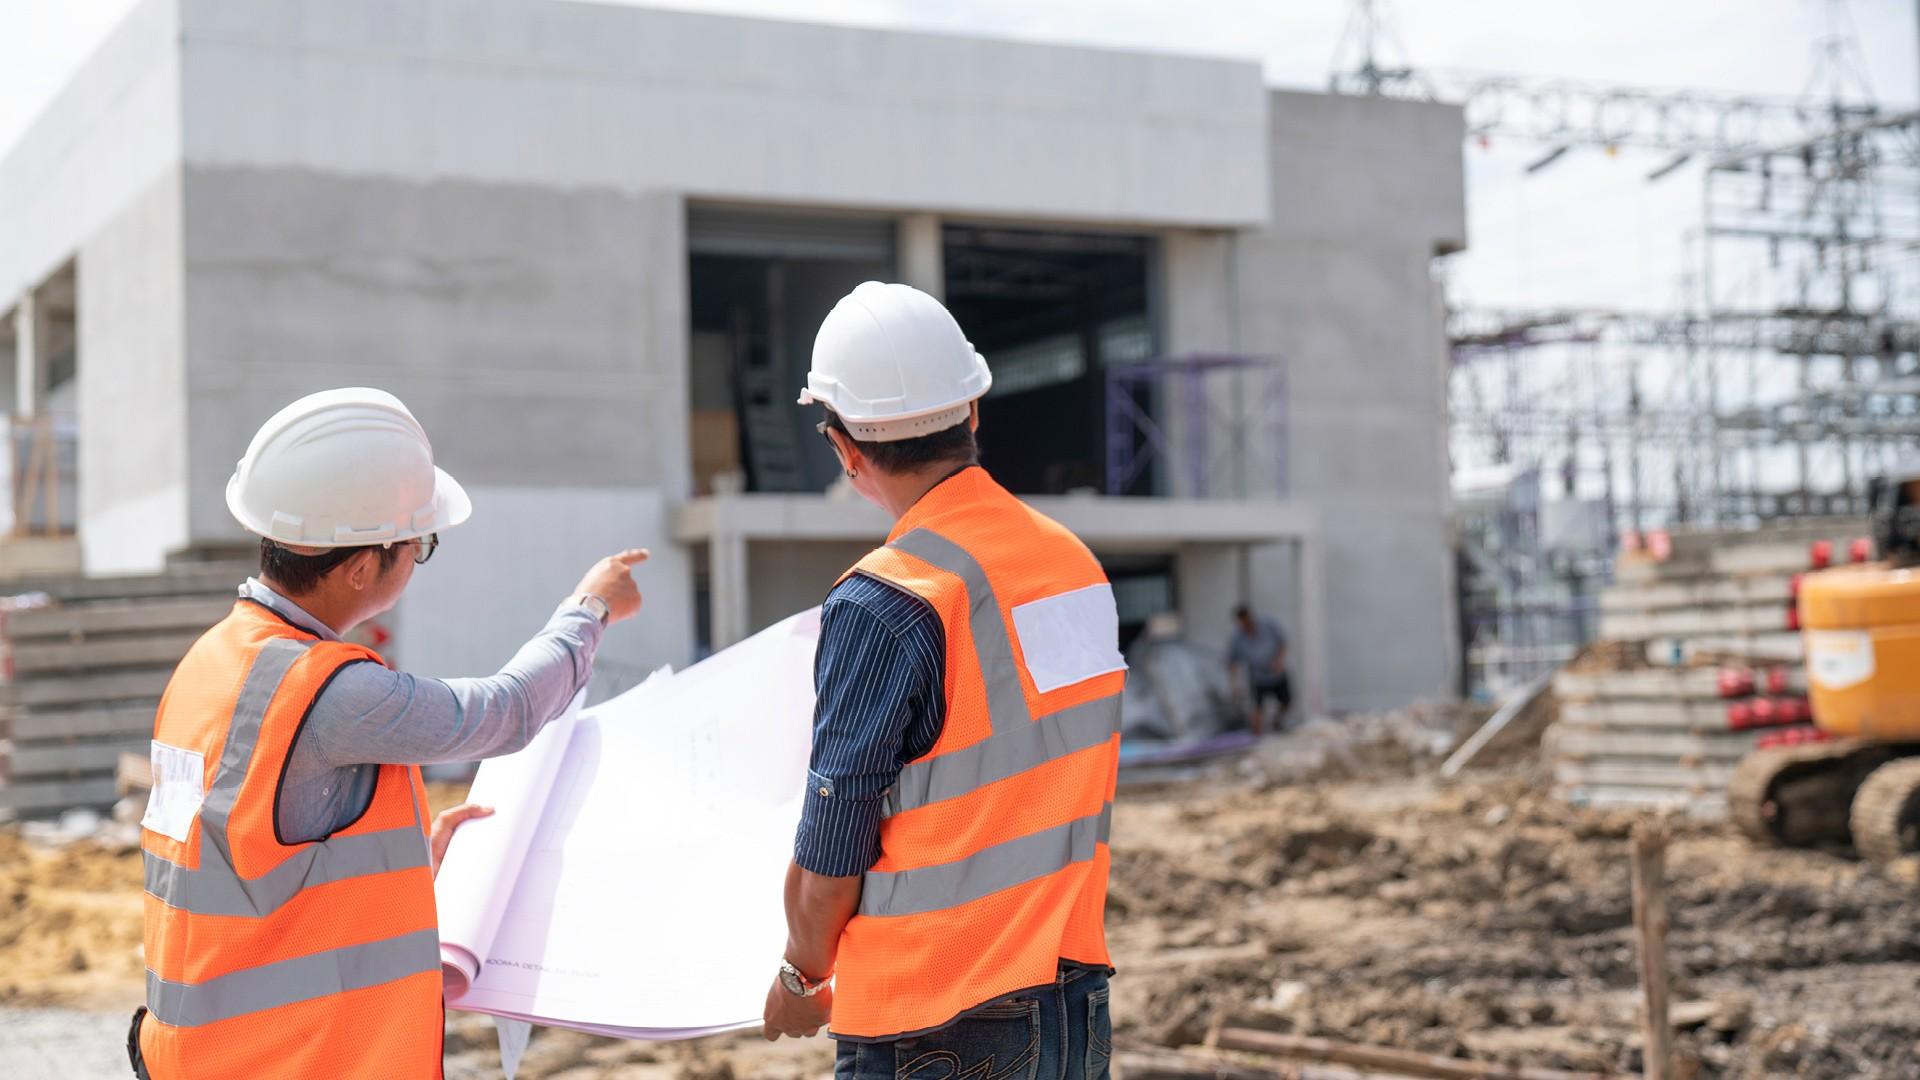 SPD freut sich auf mehr Wohnungen für Hamm